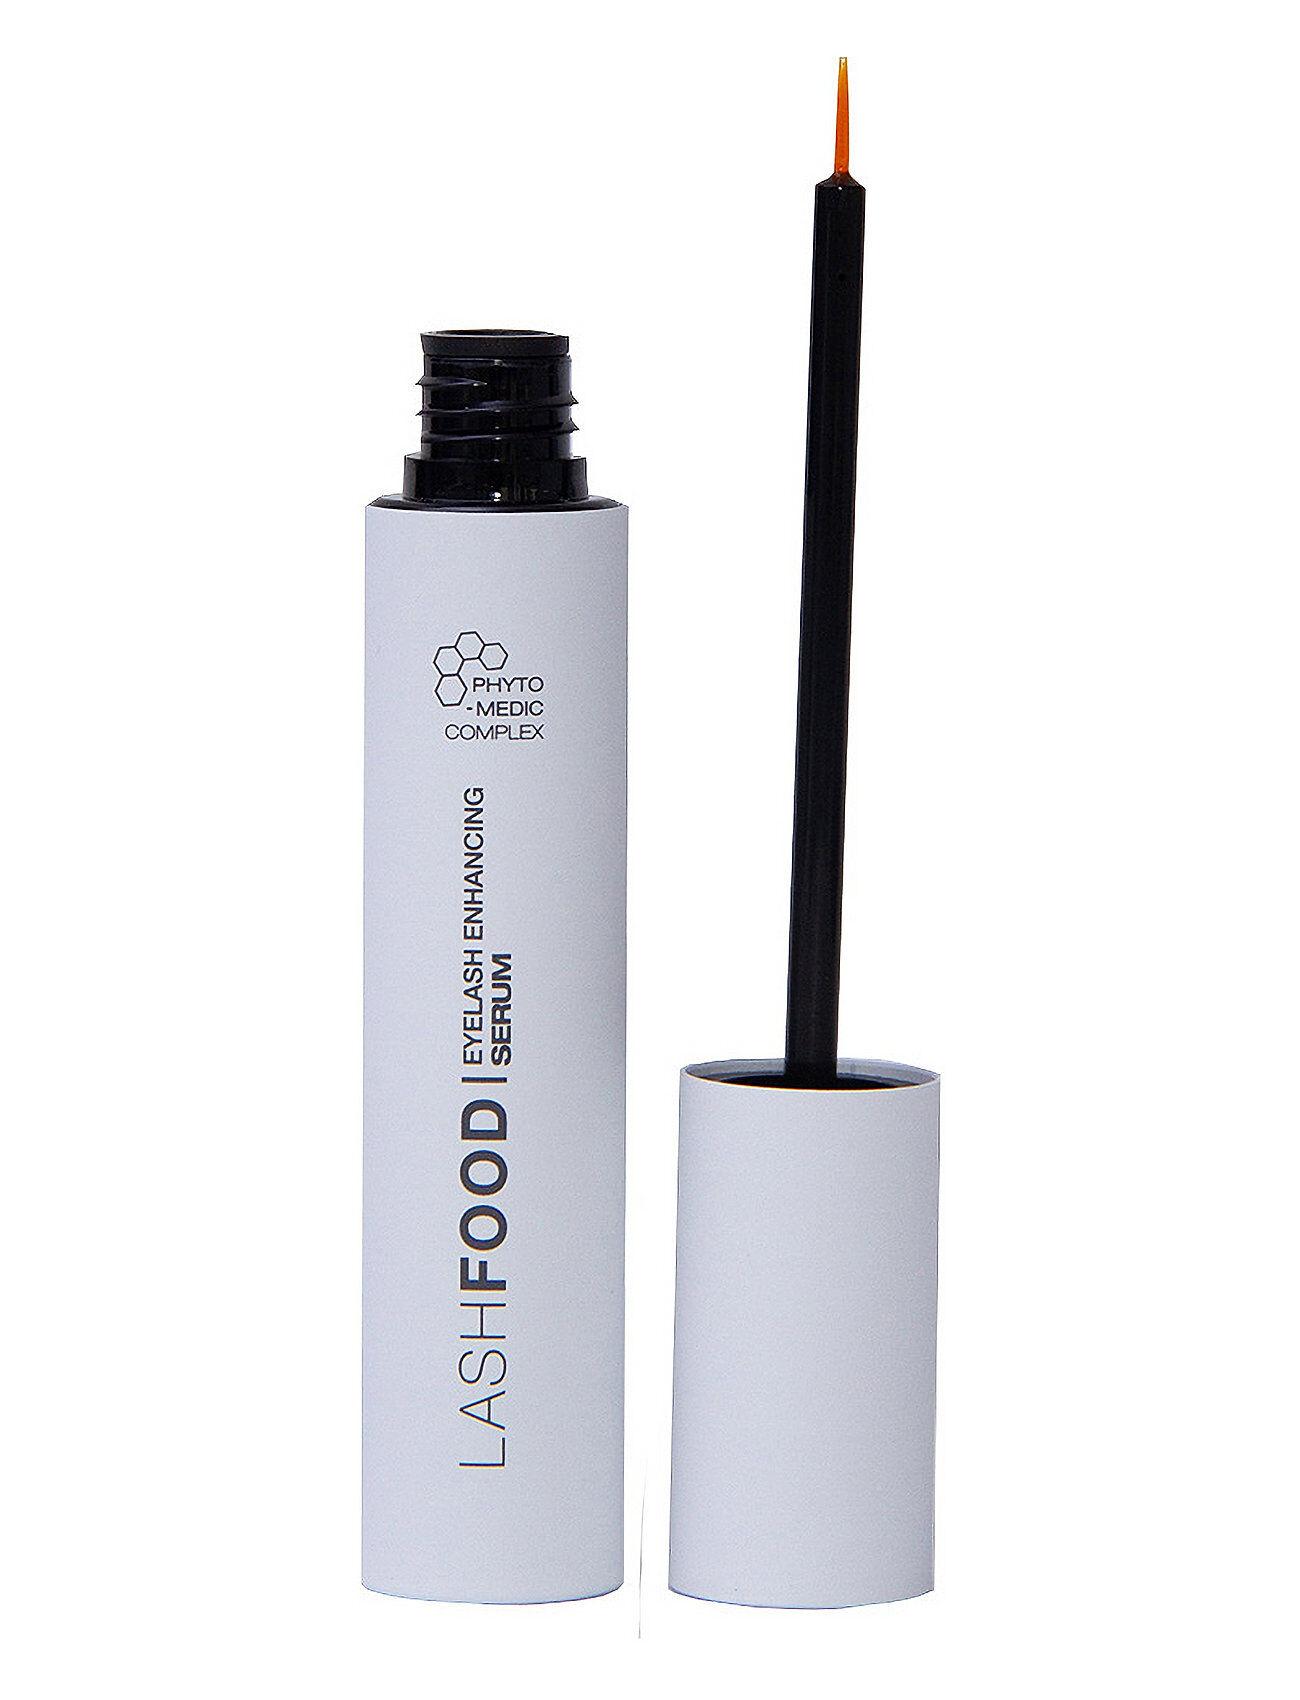 Lashfood Natural Eyelash Enhancer Ripset Meikki Nude LashFood